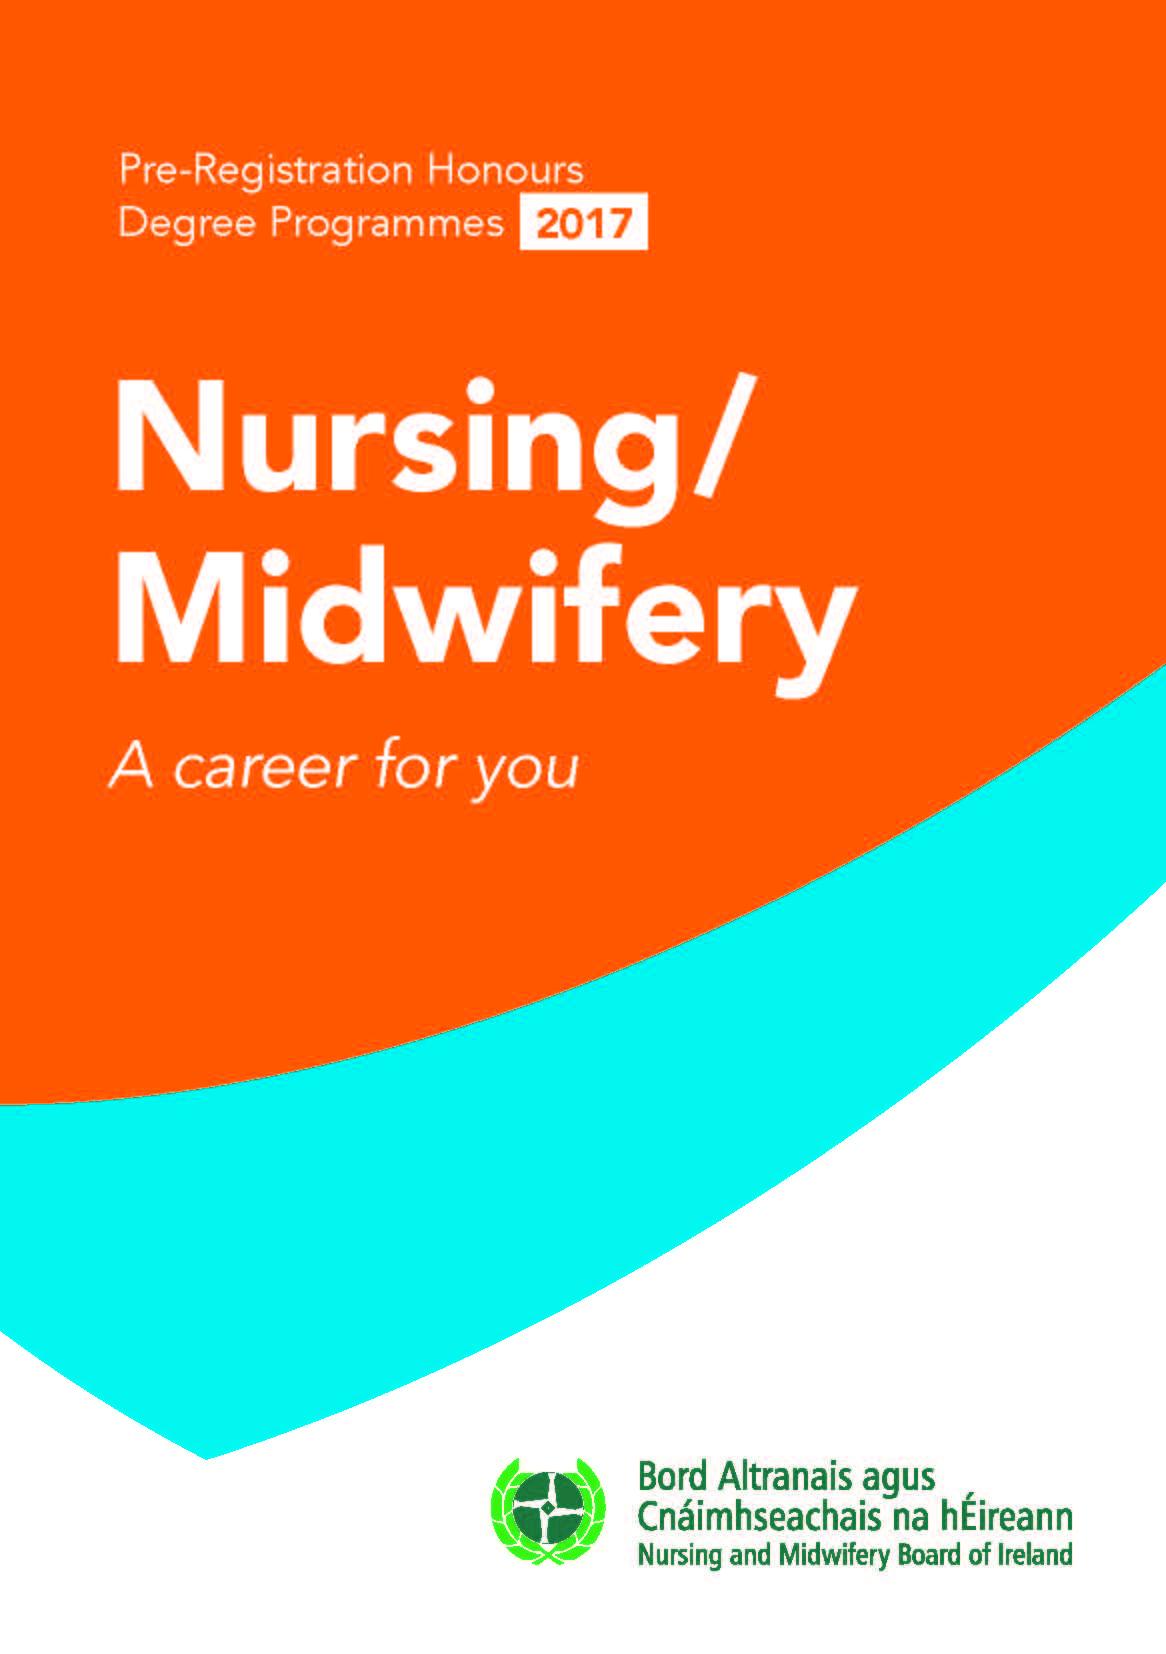 nmbi careers in nursing midwifery nursing and midwifery board nursing and midwifery careers booklet